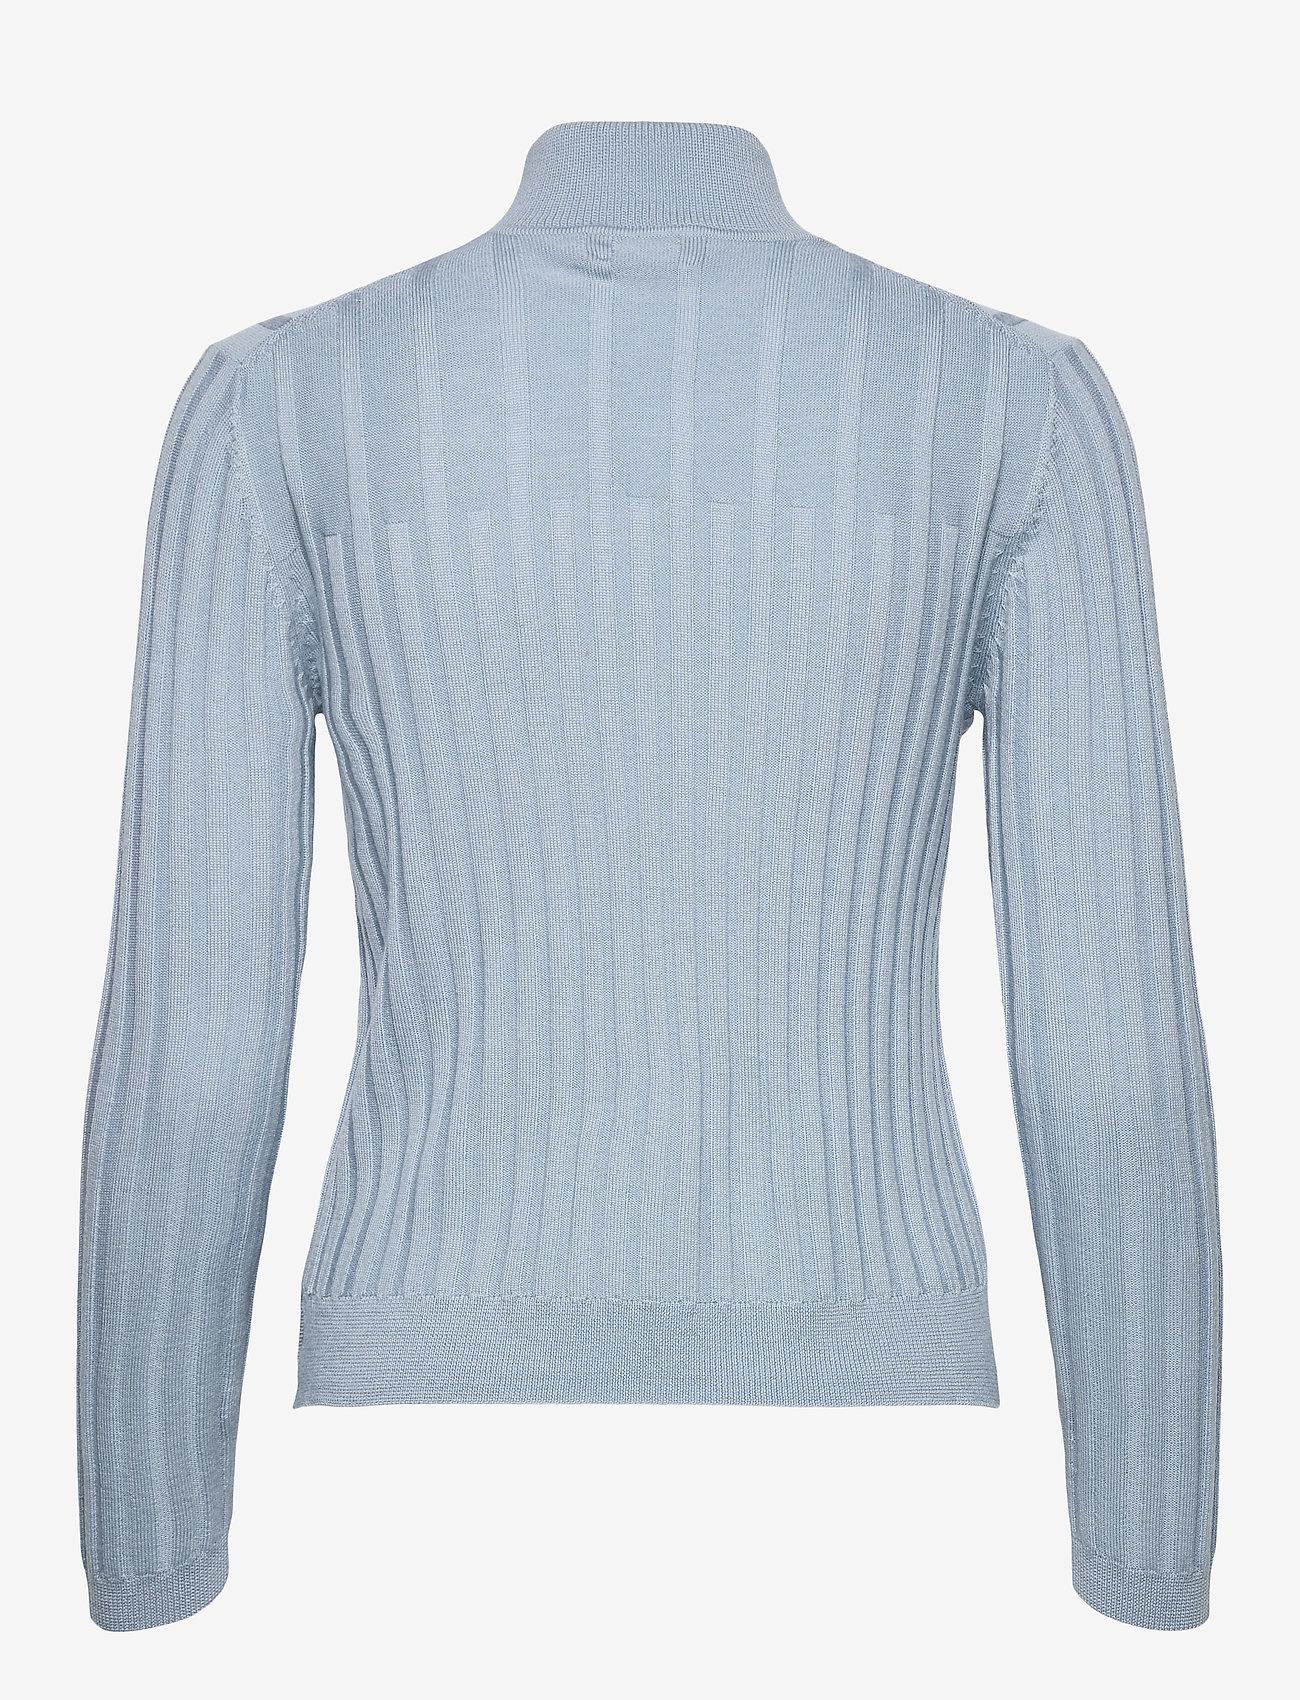 SAND - Fellini F - Kilani - turtlenecks - pale blue - 1